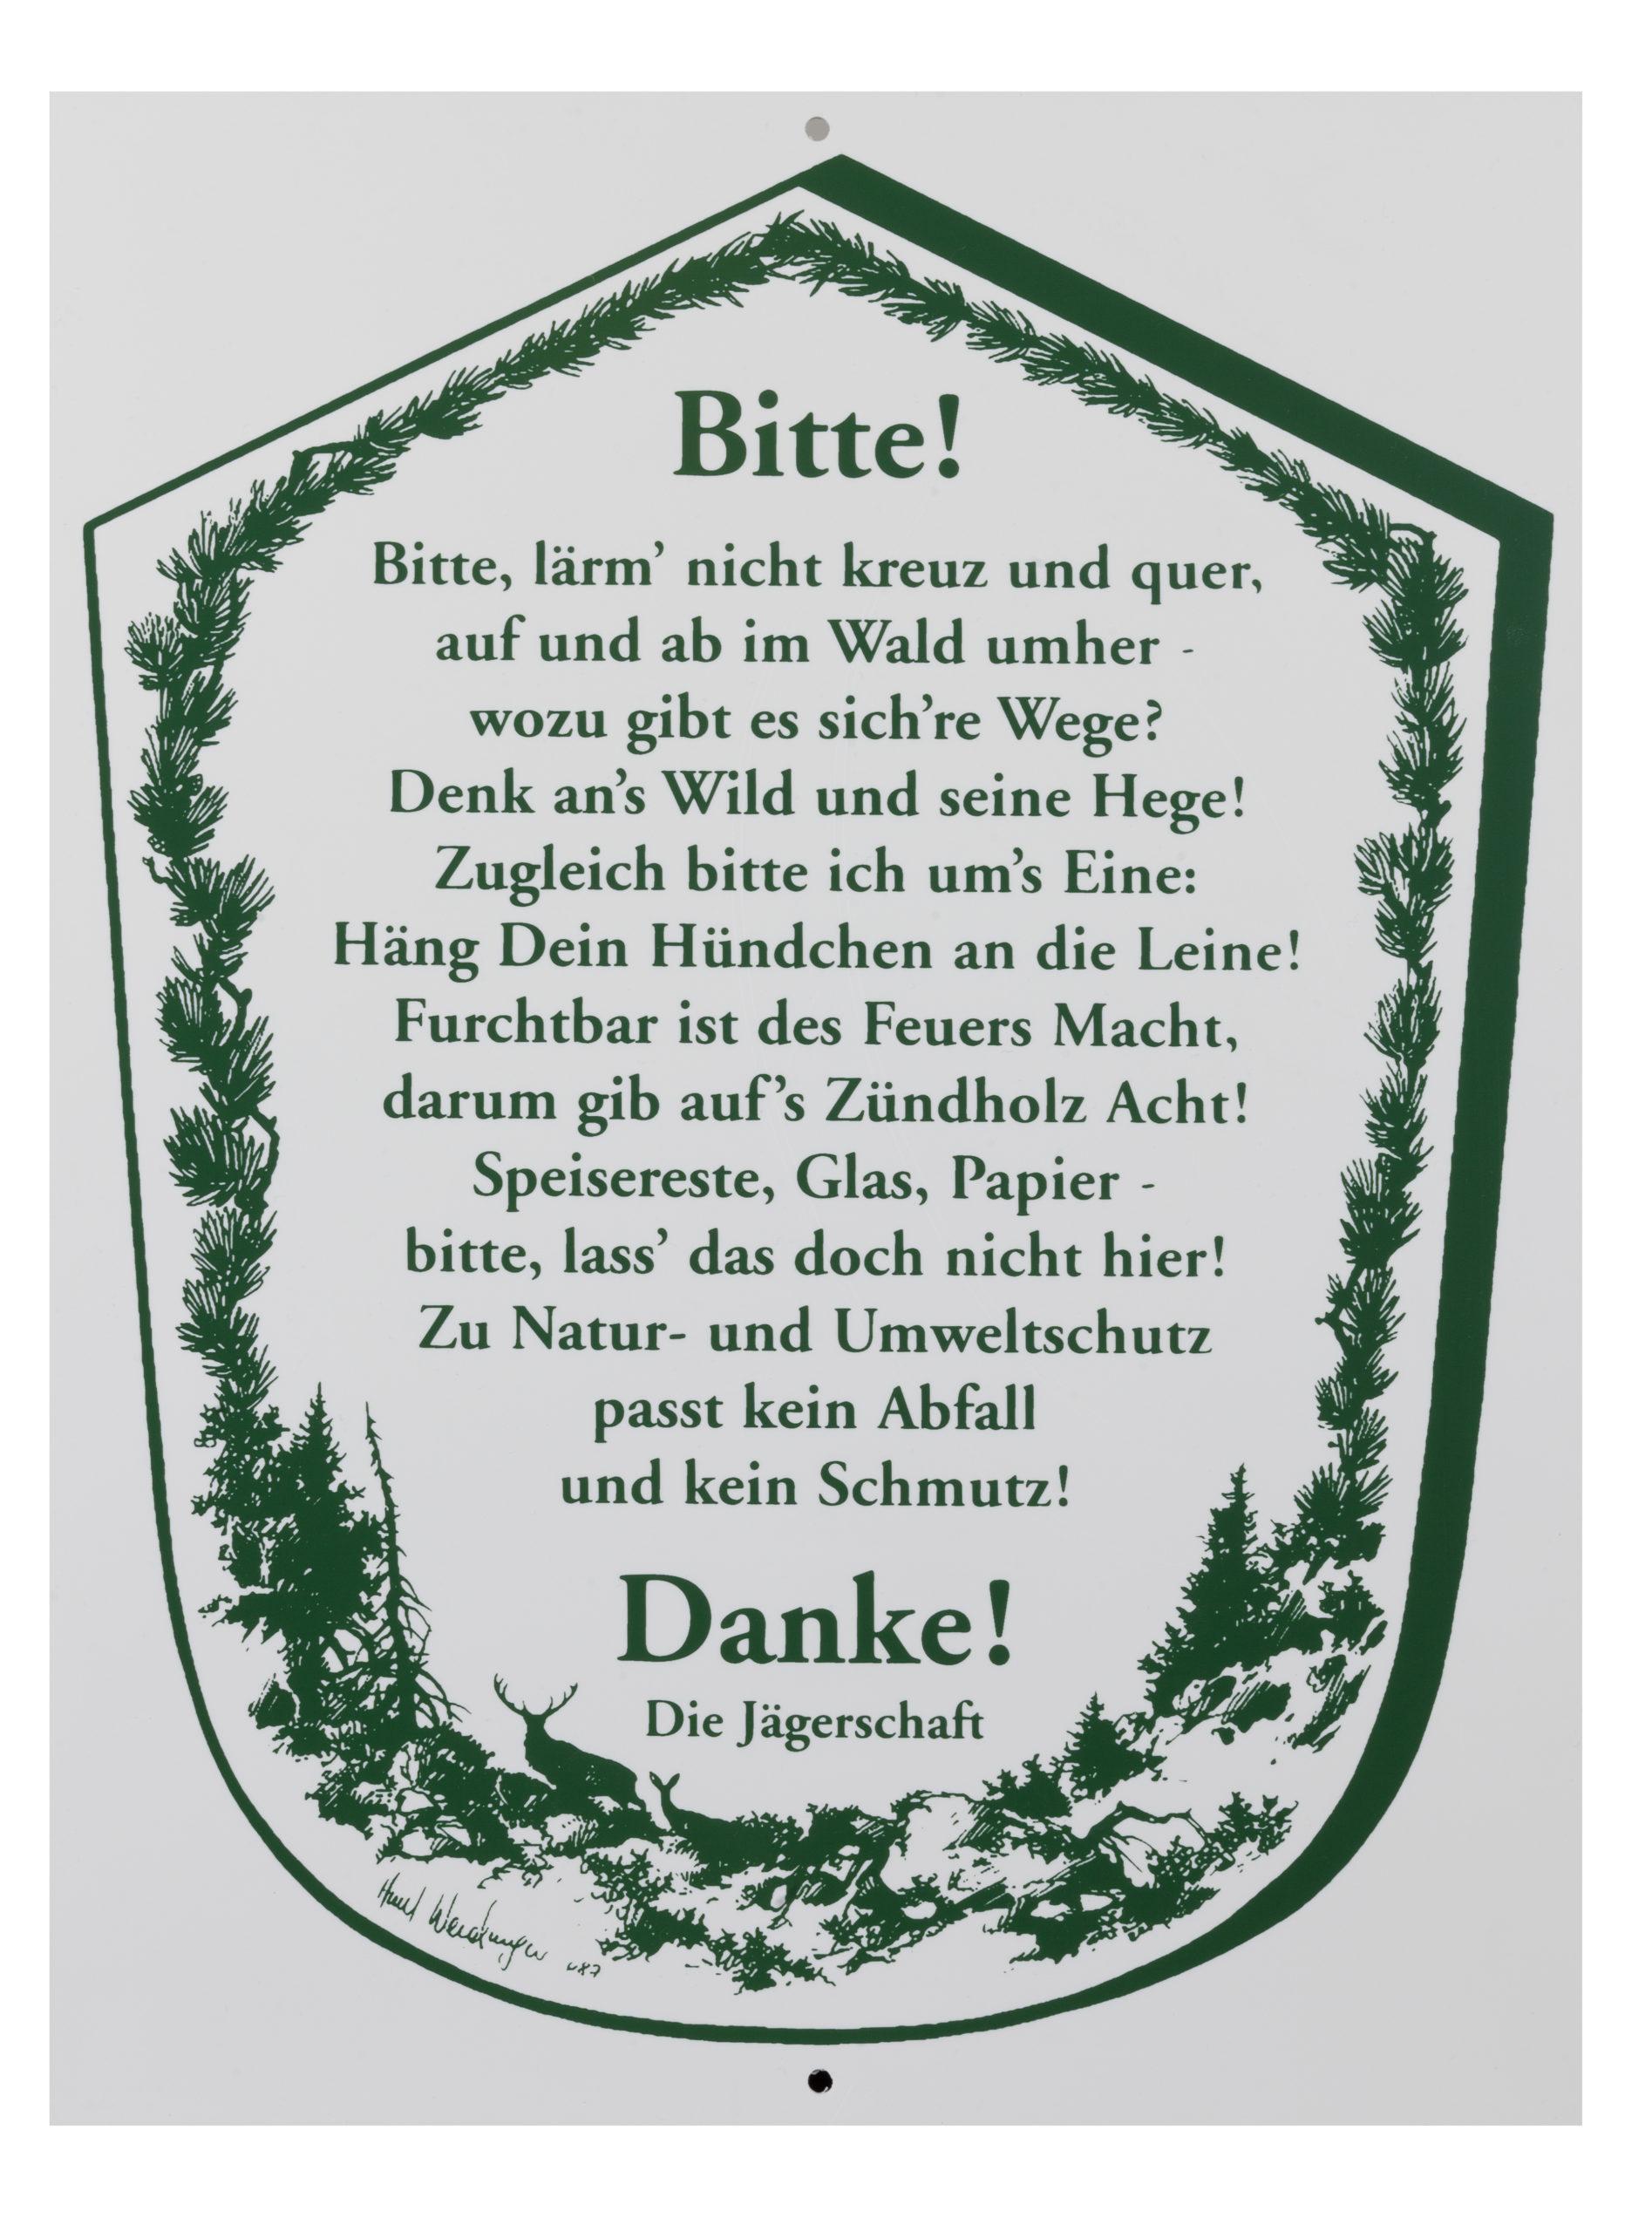 naturfreundlich unterwegs in Österreich, Verhaltensregeln, Jagdfakten.at informiert